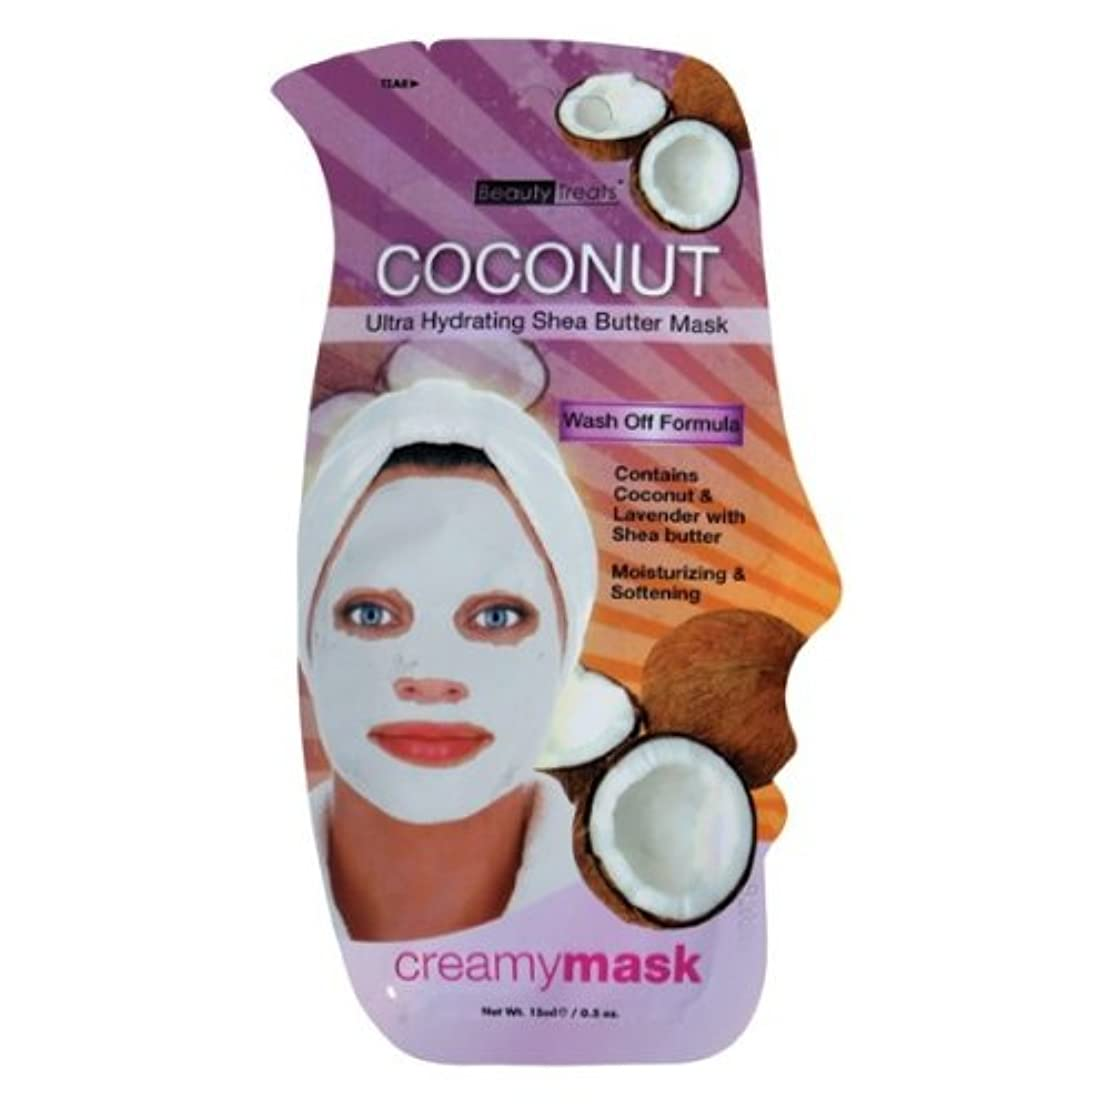 ロードブロッキング議題時系列(3 Pack) BEAUTY TREATS Coconut Ultra Hydrating Shea Butter Mask - Coconut (並行輸入品)